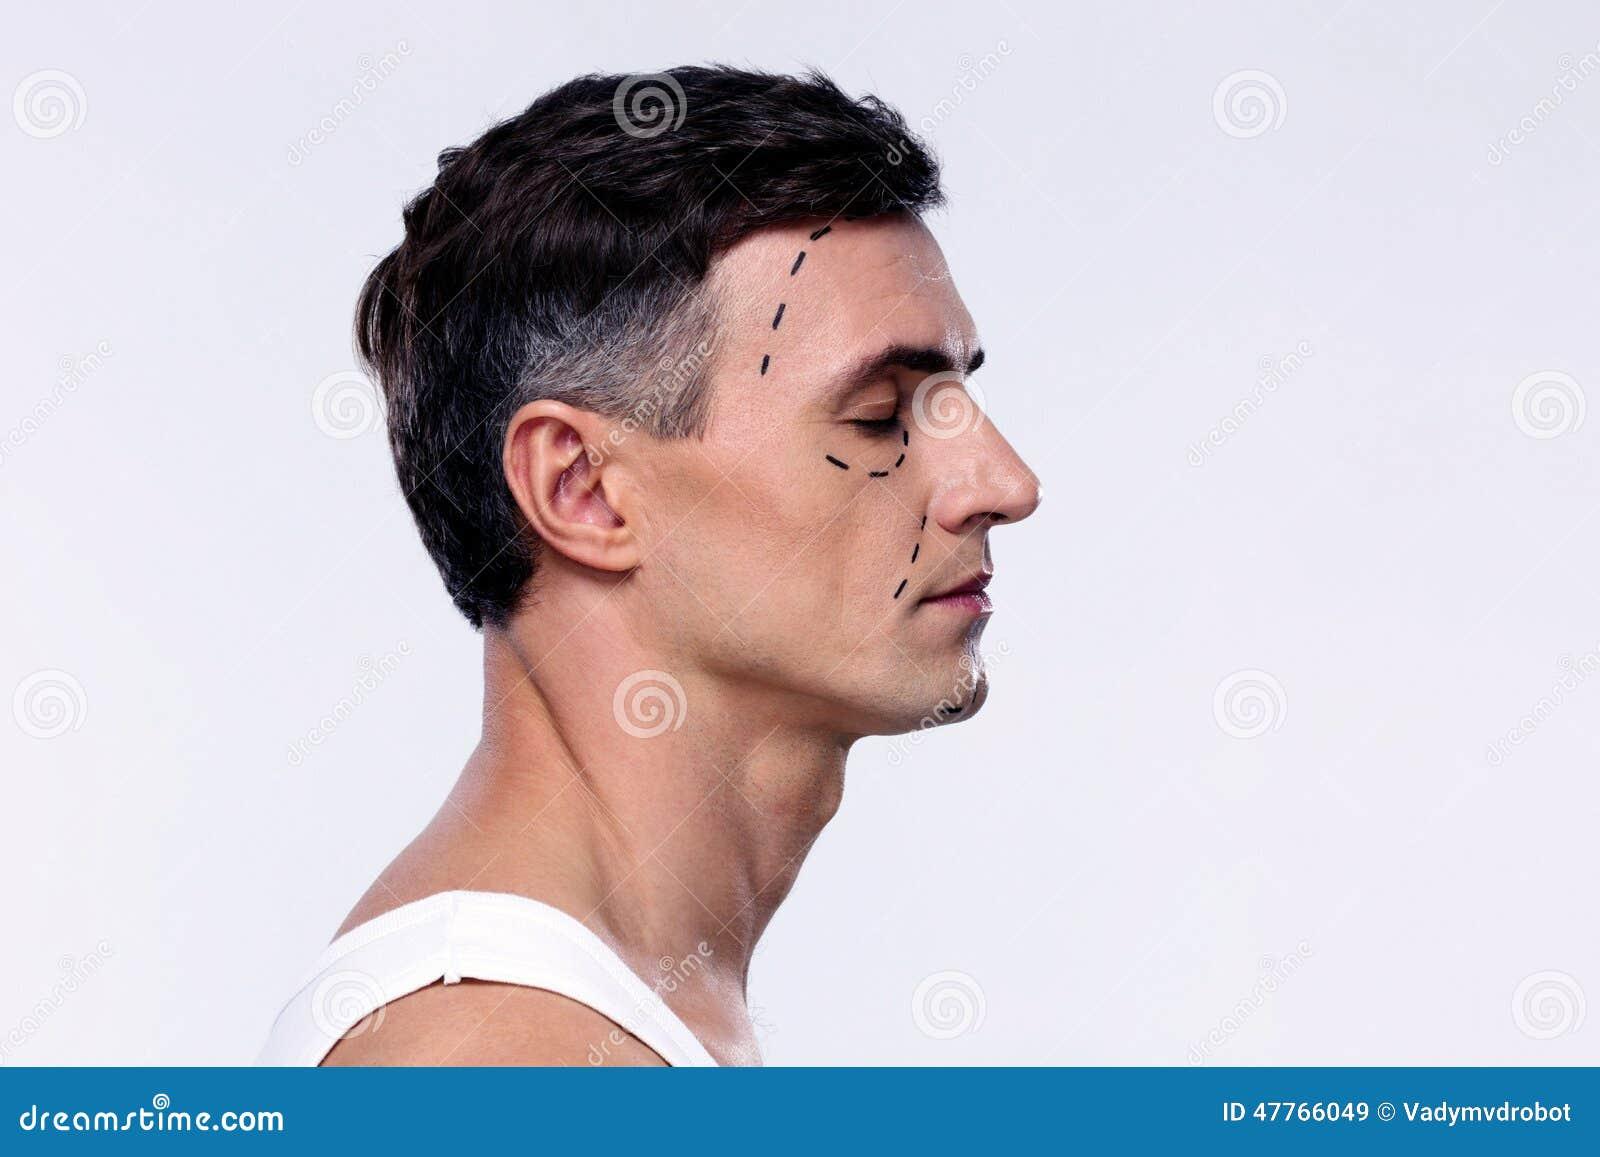 Uomo segnato con le linee per chirurgia plastica